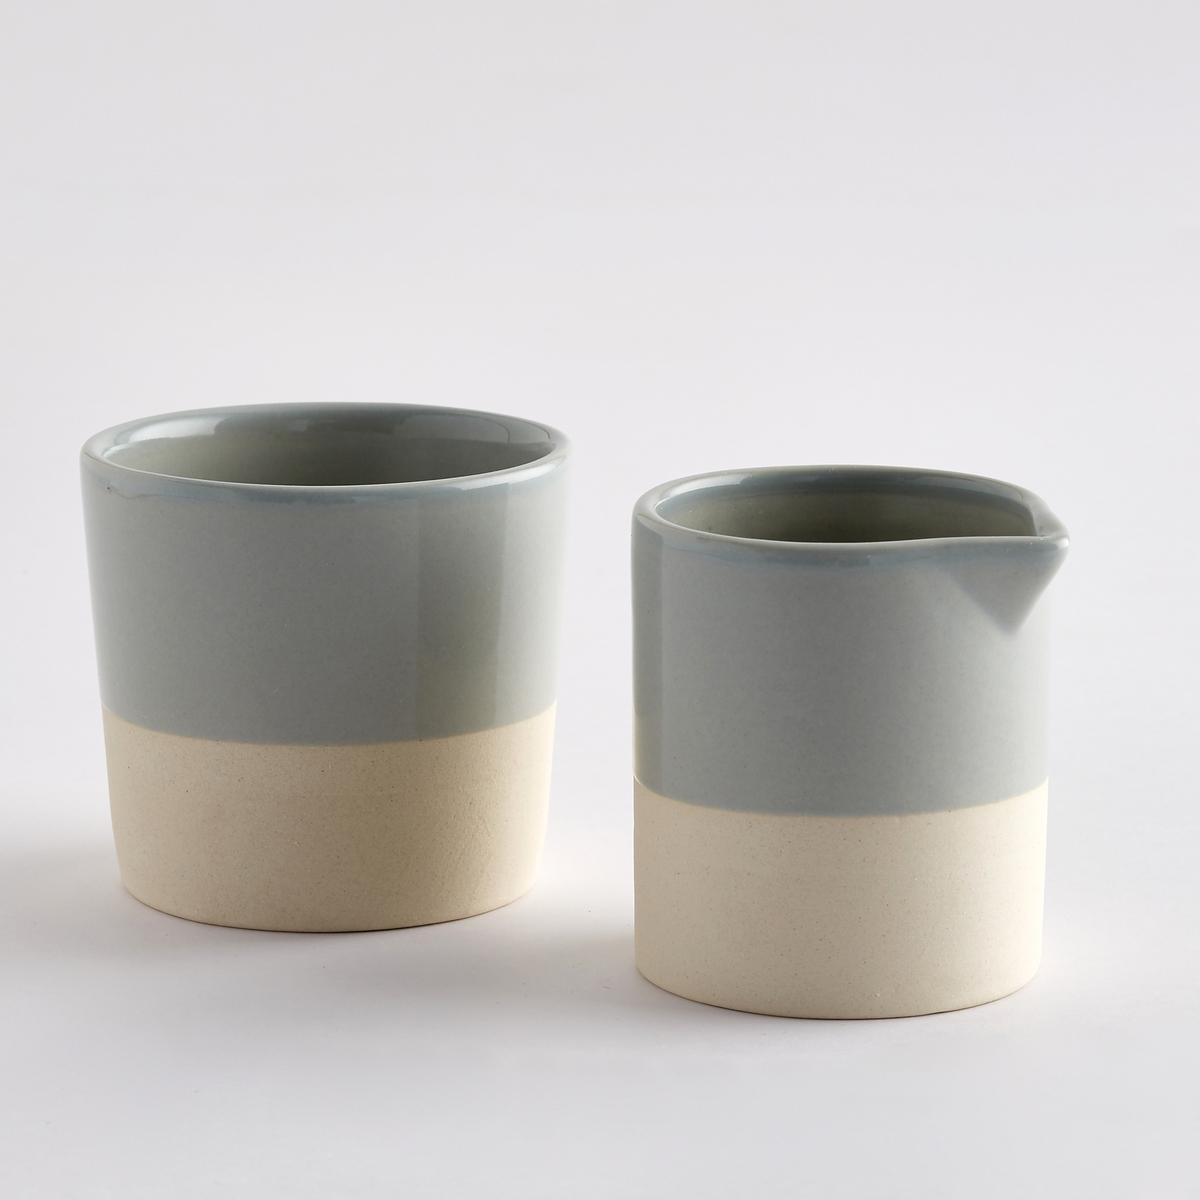 Набор из молочника и сахарницы из керамики, покрытой глазурью, дно из керамики без глазури, Warota от La Redoute